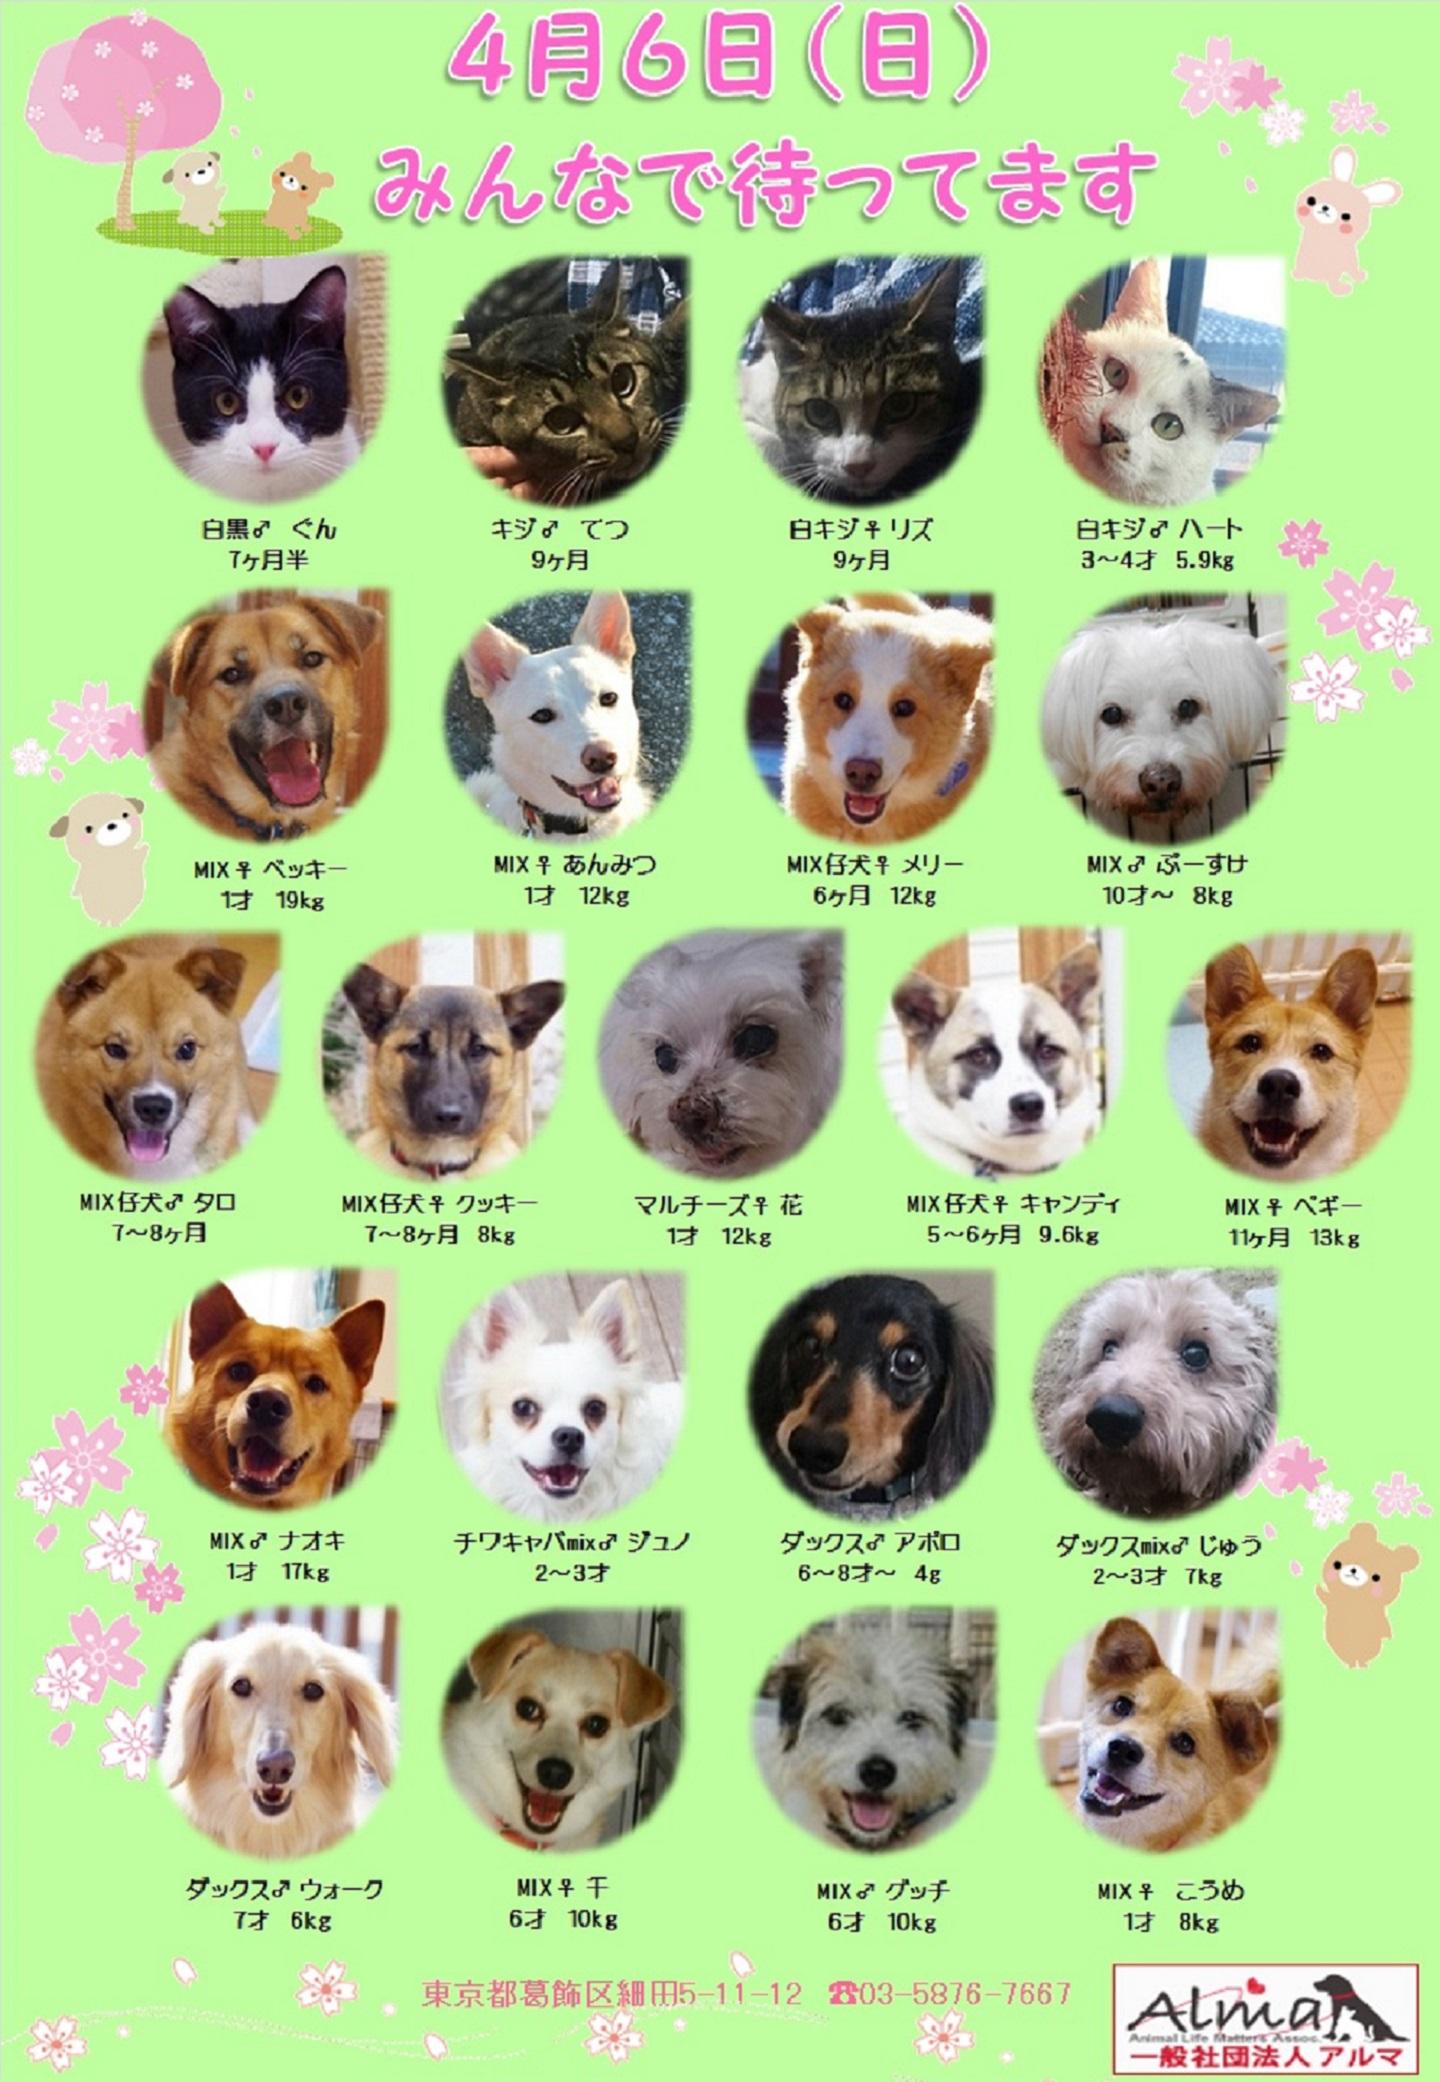 ALMA ティアハイム 4月6日 参加犬猫一覧